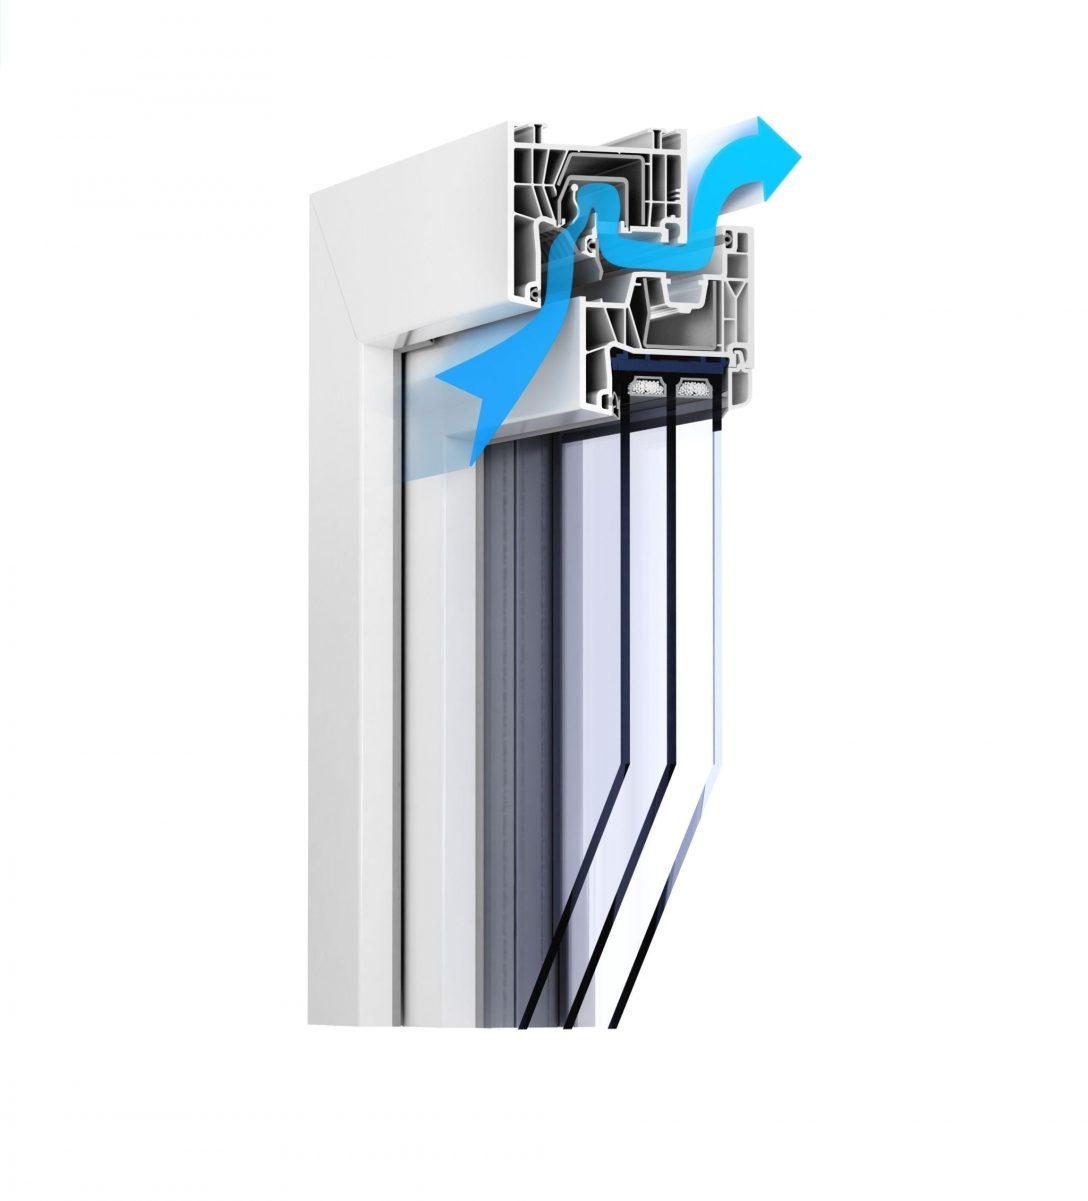 Large Size of Kbe Fenster Haustrsysteme Produkte Einbruchschutz Nachrüsten Tauschen Sichtschutzfolie Mit Rolladenkasten Rolladen Austauschen Auf Maß Insektenschutz Fenster Kbe Fenster